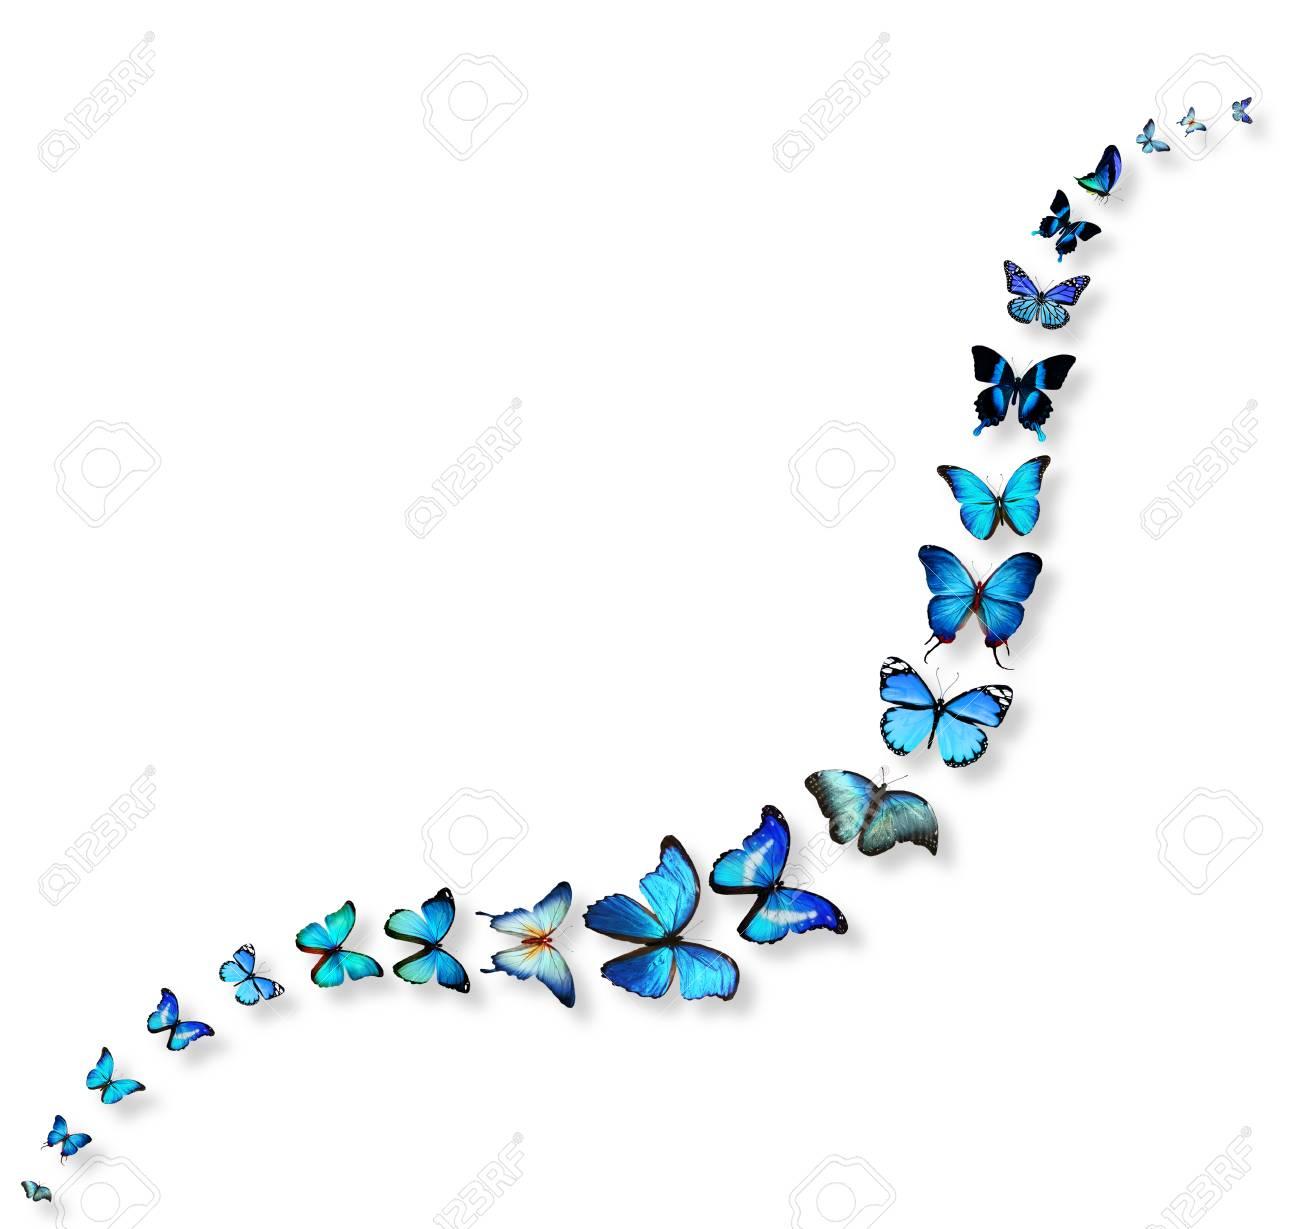 La Línea Ondulada De Las Mariposas Fotos, Retratos, Imágenes Y ...